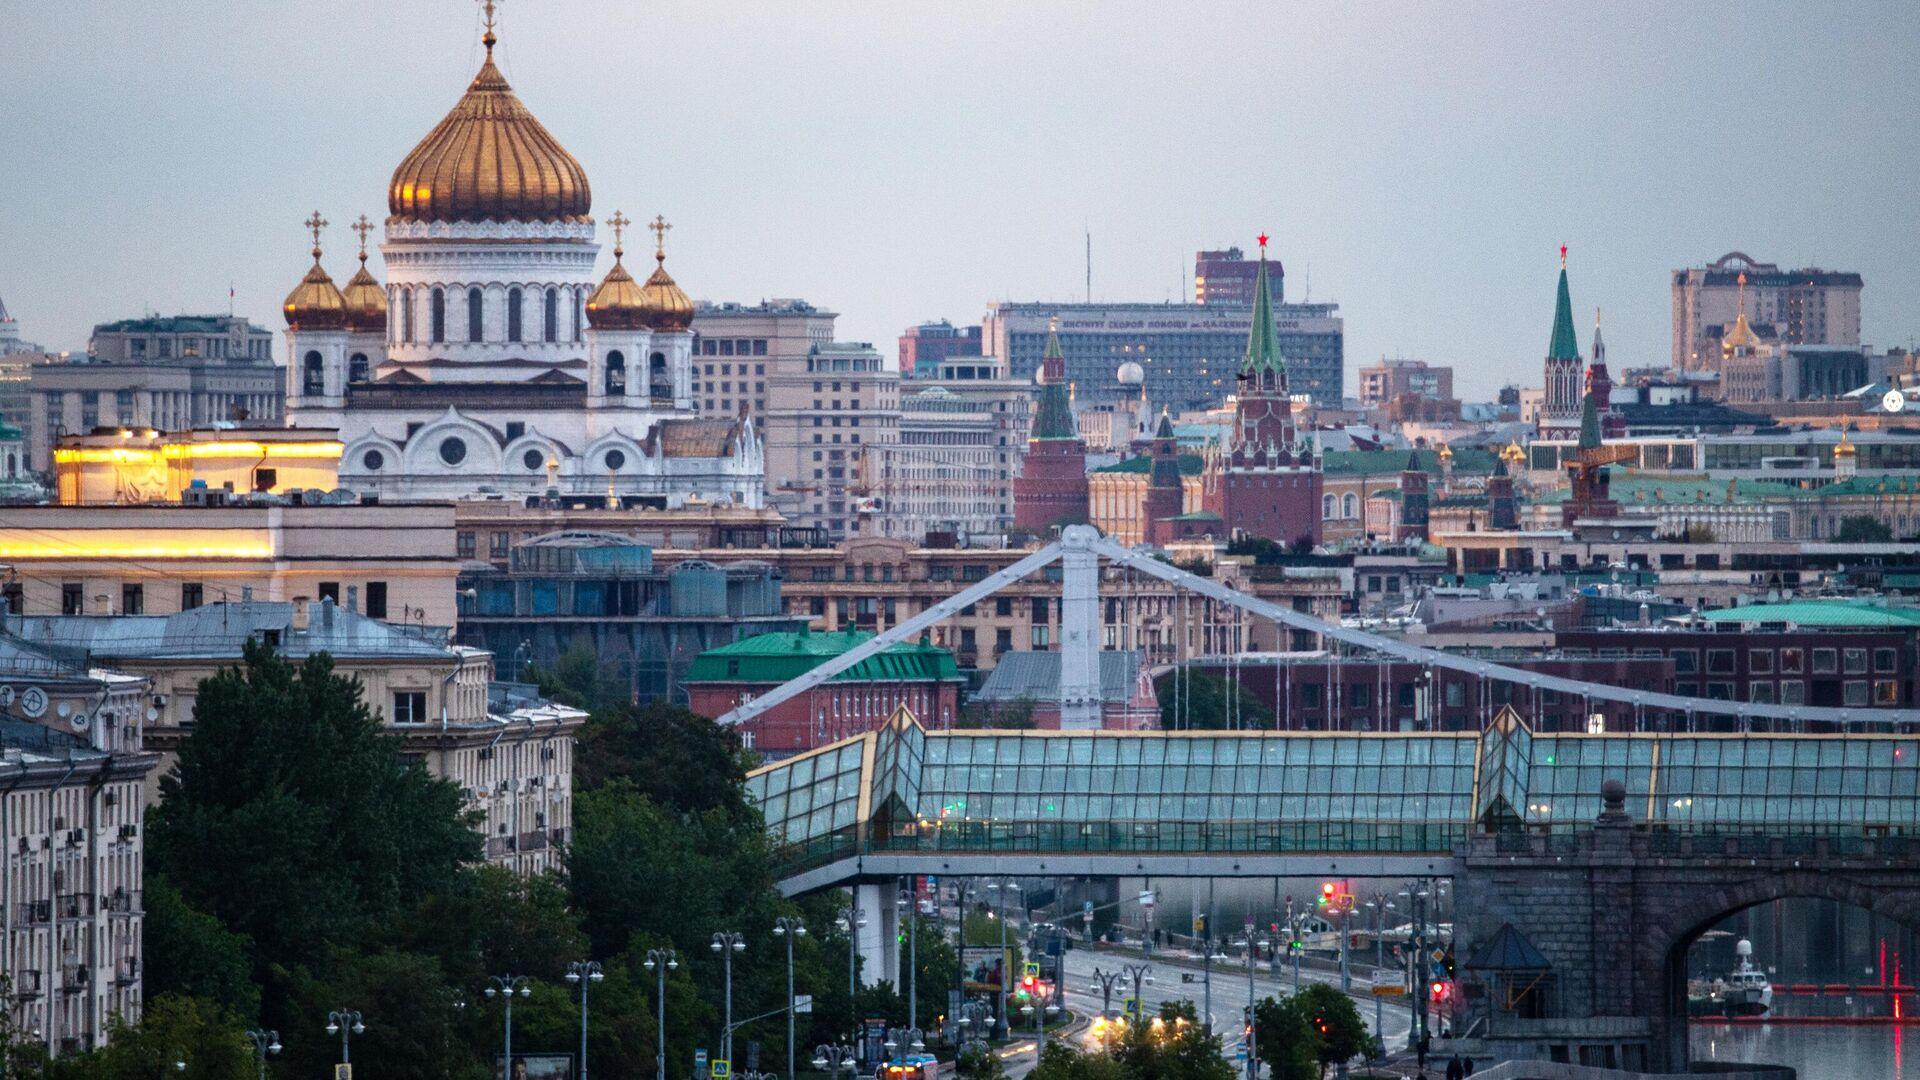 Вид на Храм Христа Спасителя в Москве - РИА Новости, 1920, 20.10.2020